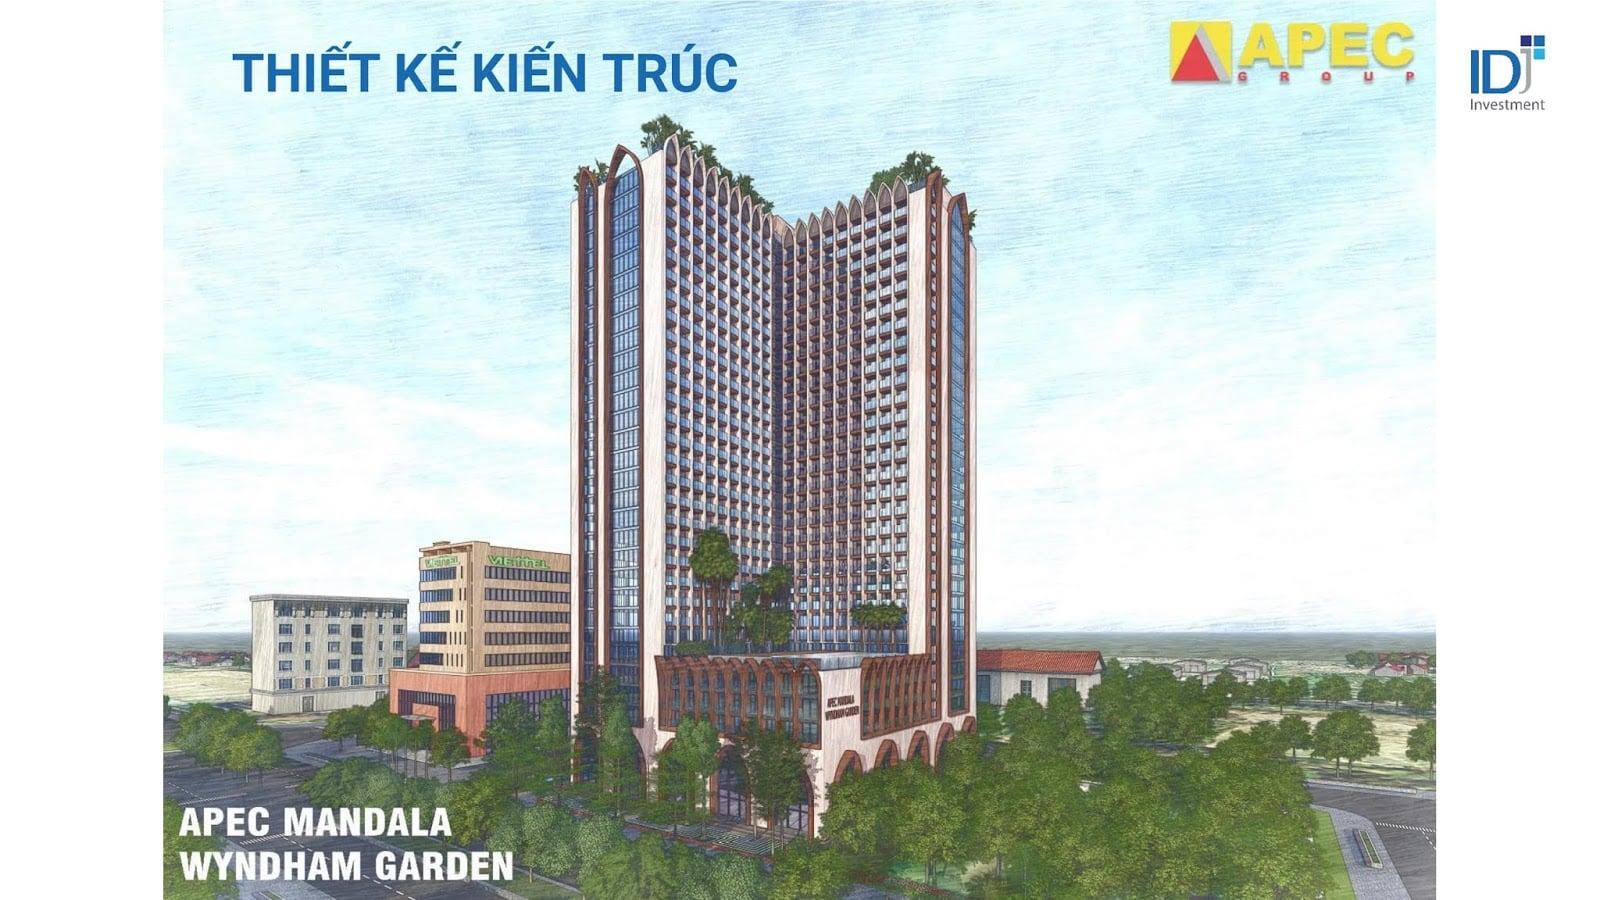 Phối cảnh dự án condotel Apec Mandala Wyndham Garden Phú Yên